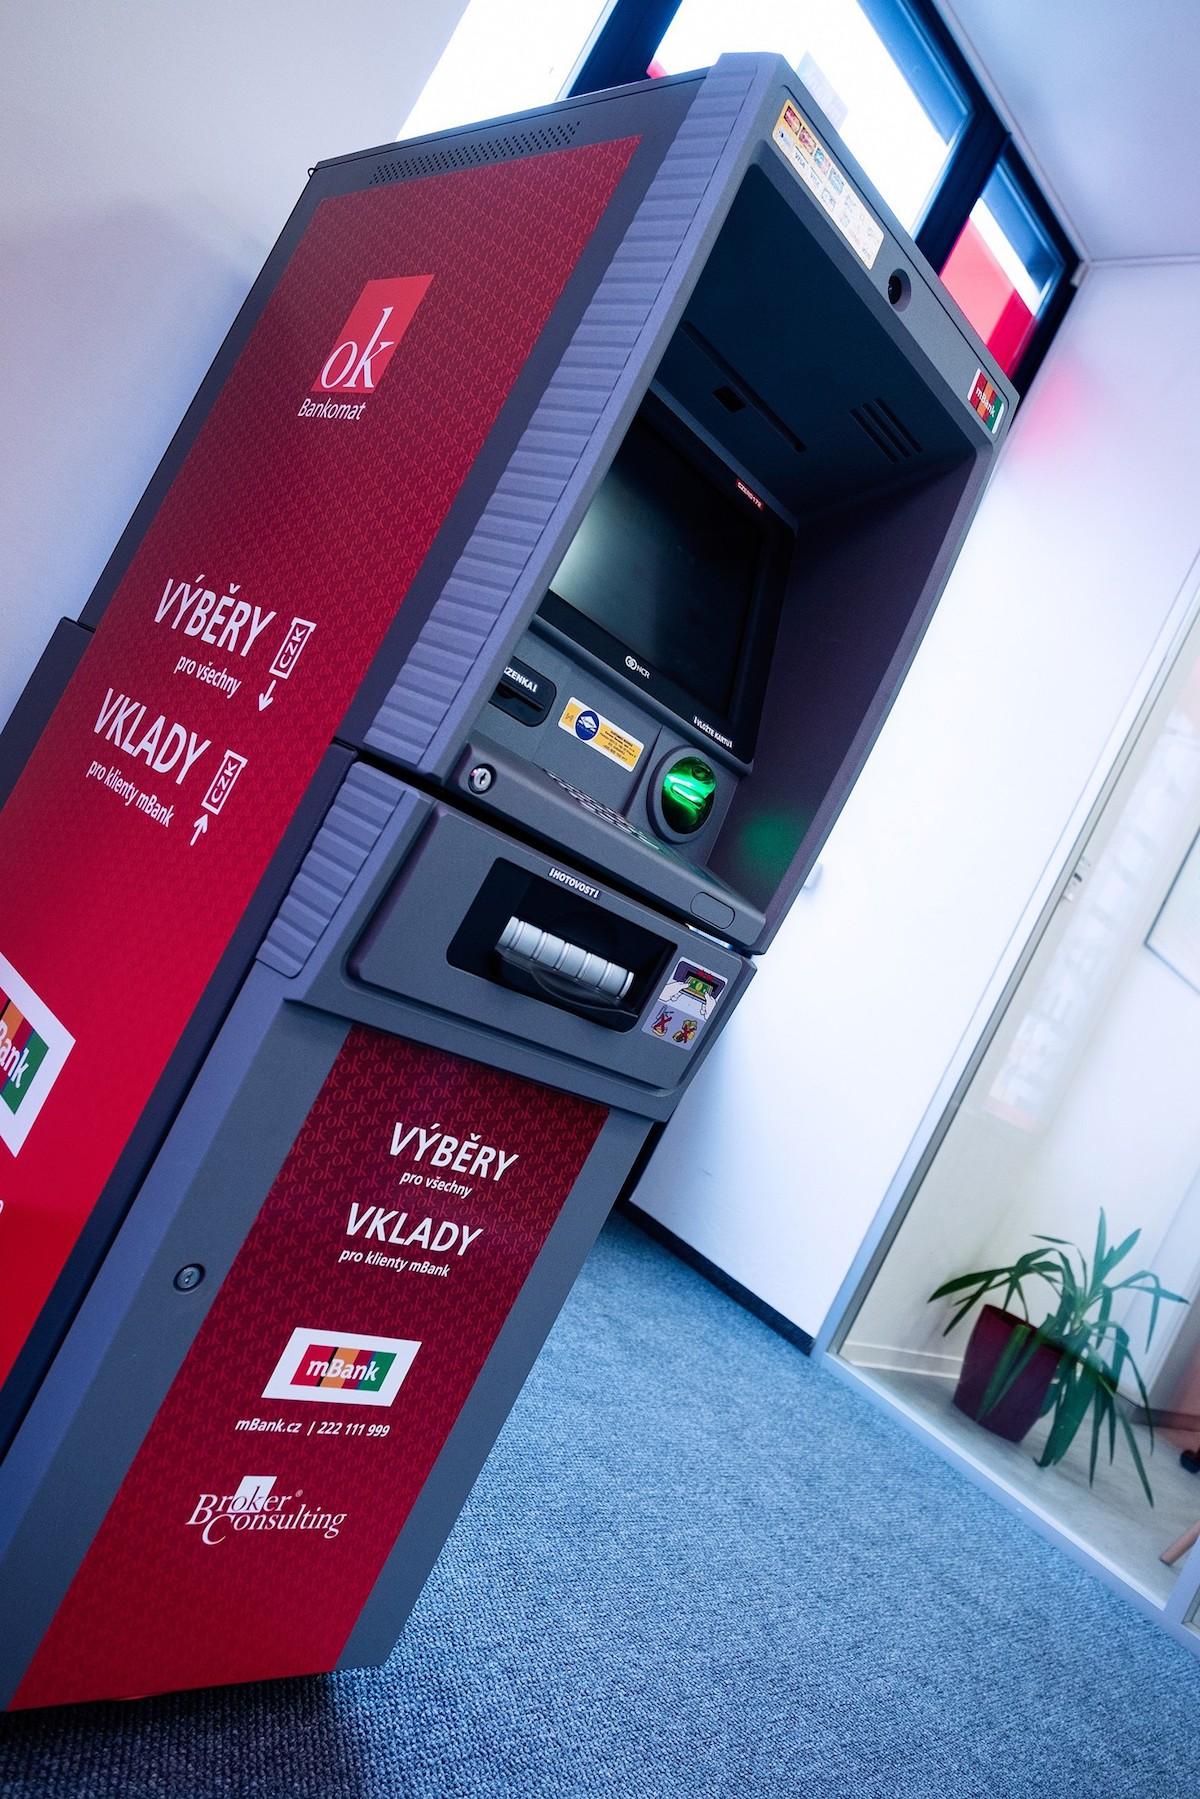 Vkladomat od mbank